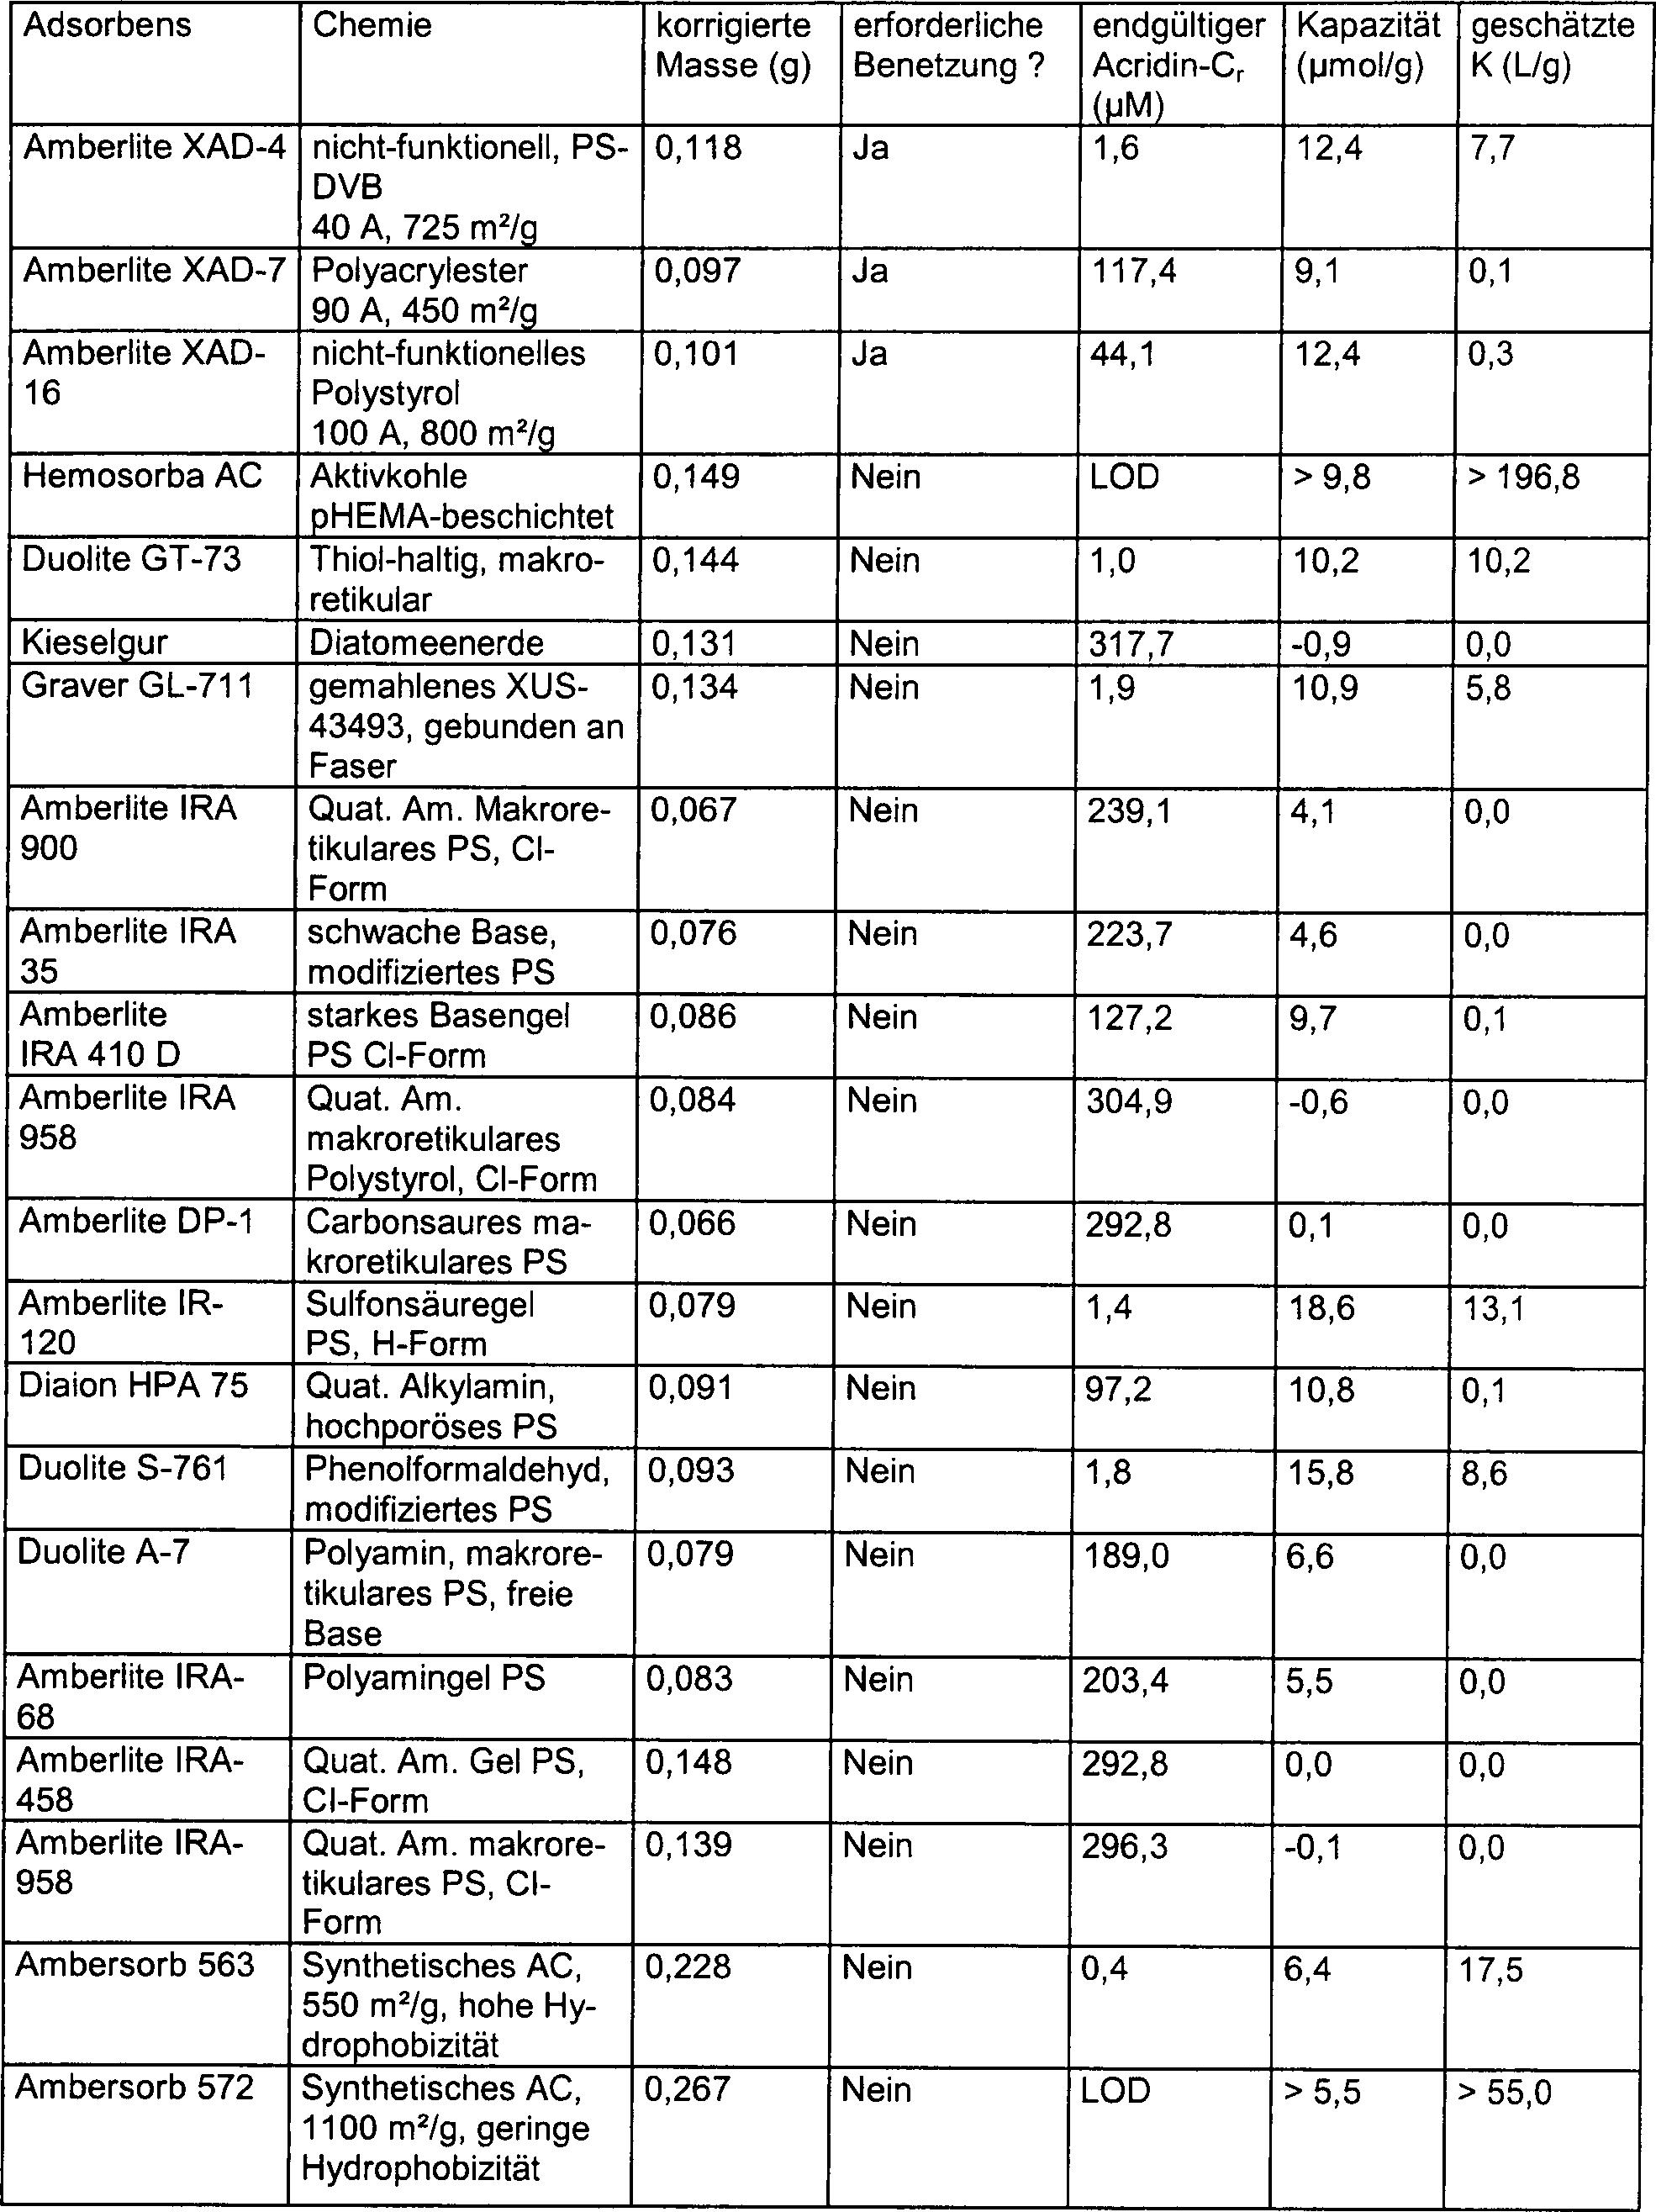 Magnificent Kreislaufsystem Einer Tabelle 5Klasse Elaboration ...